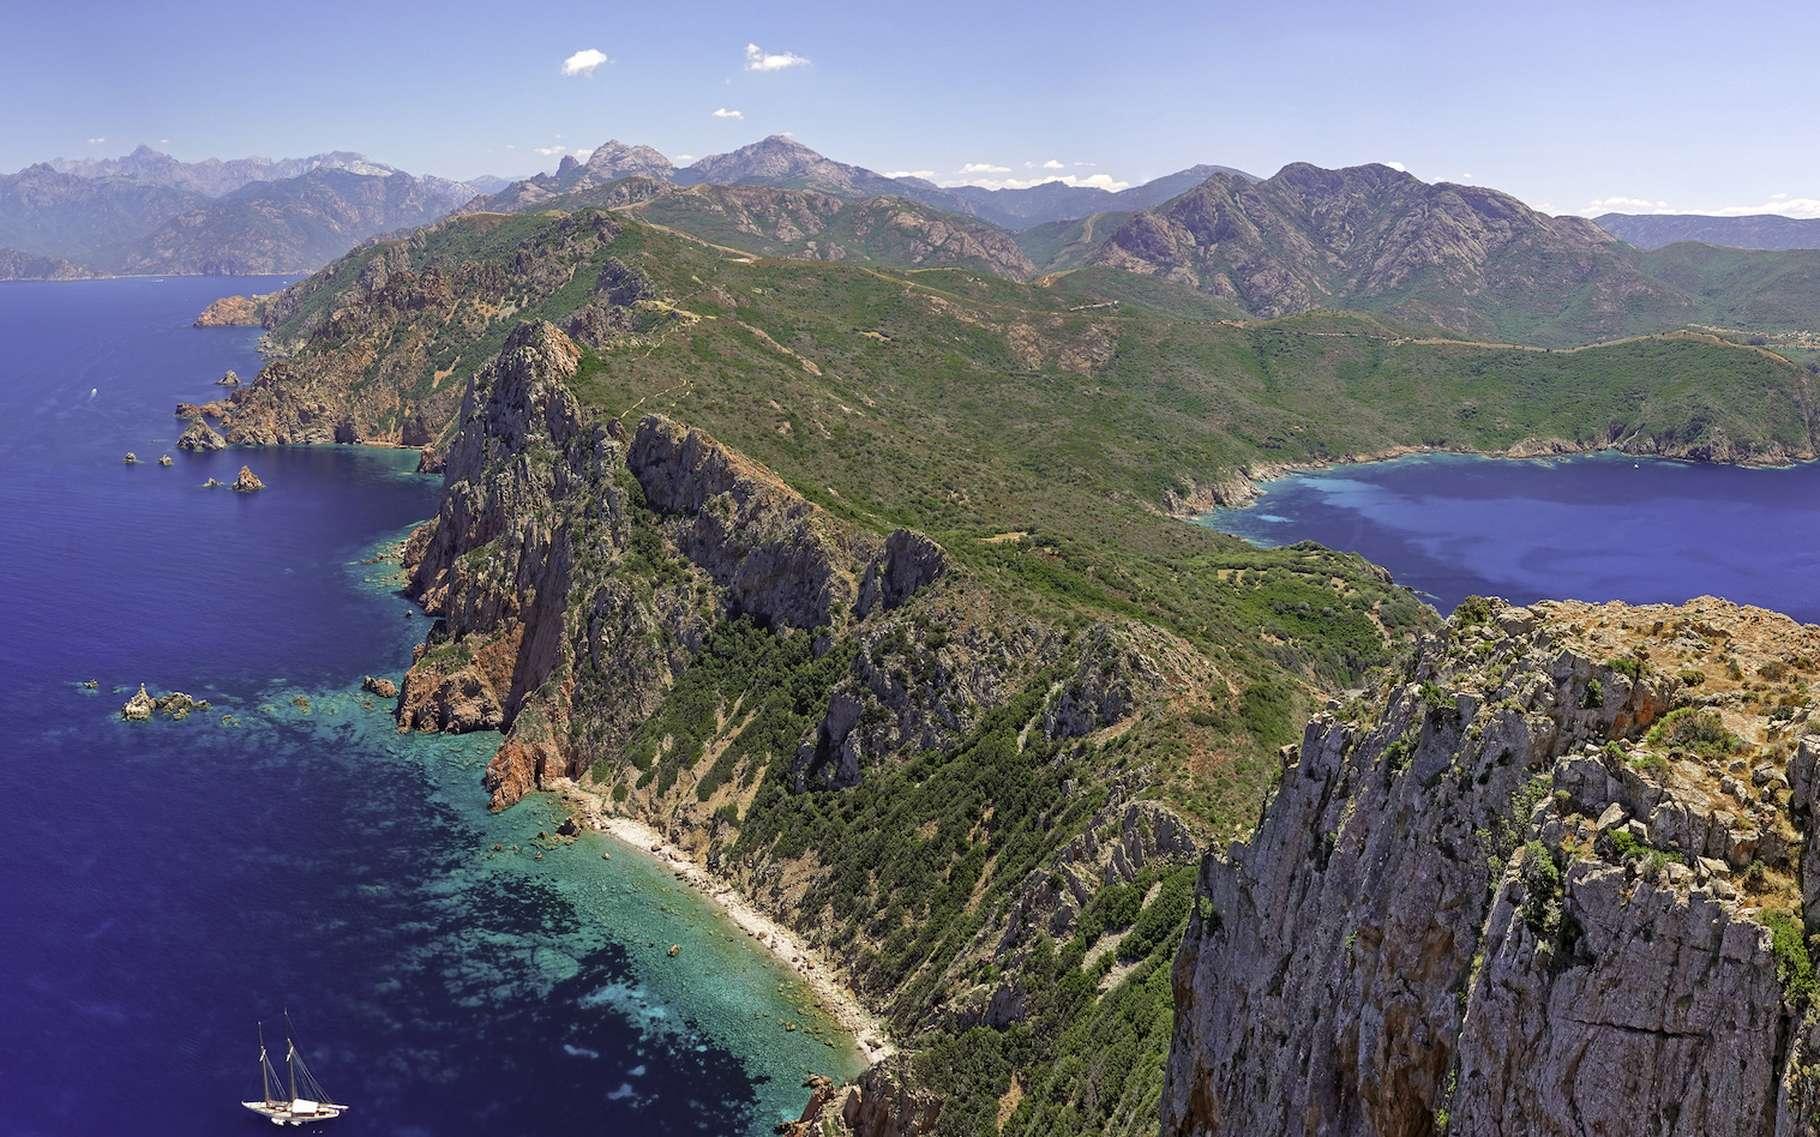 La Corse, une île merveilleuse à découvrir. © Gamut, Adobe Stock